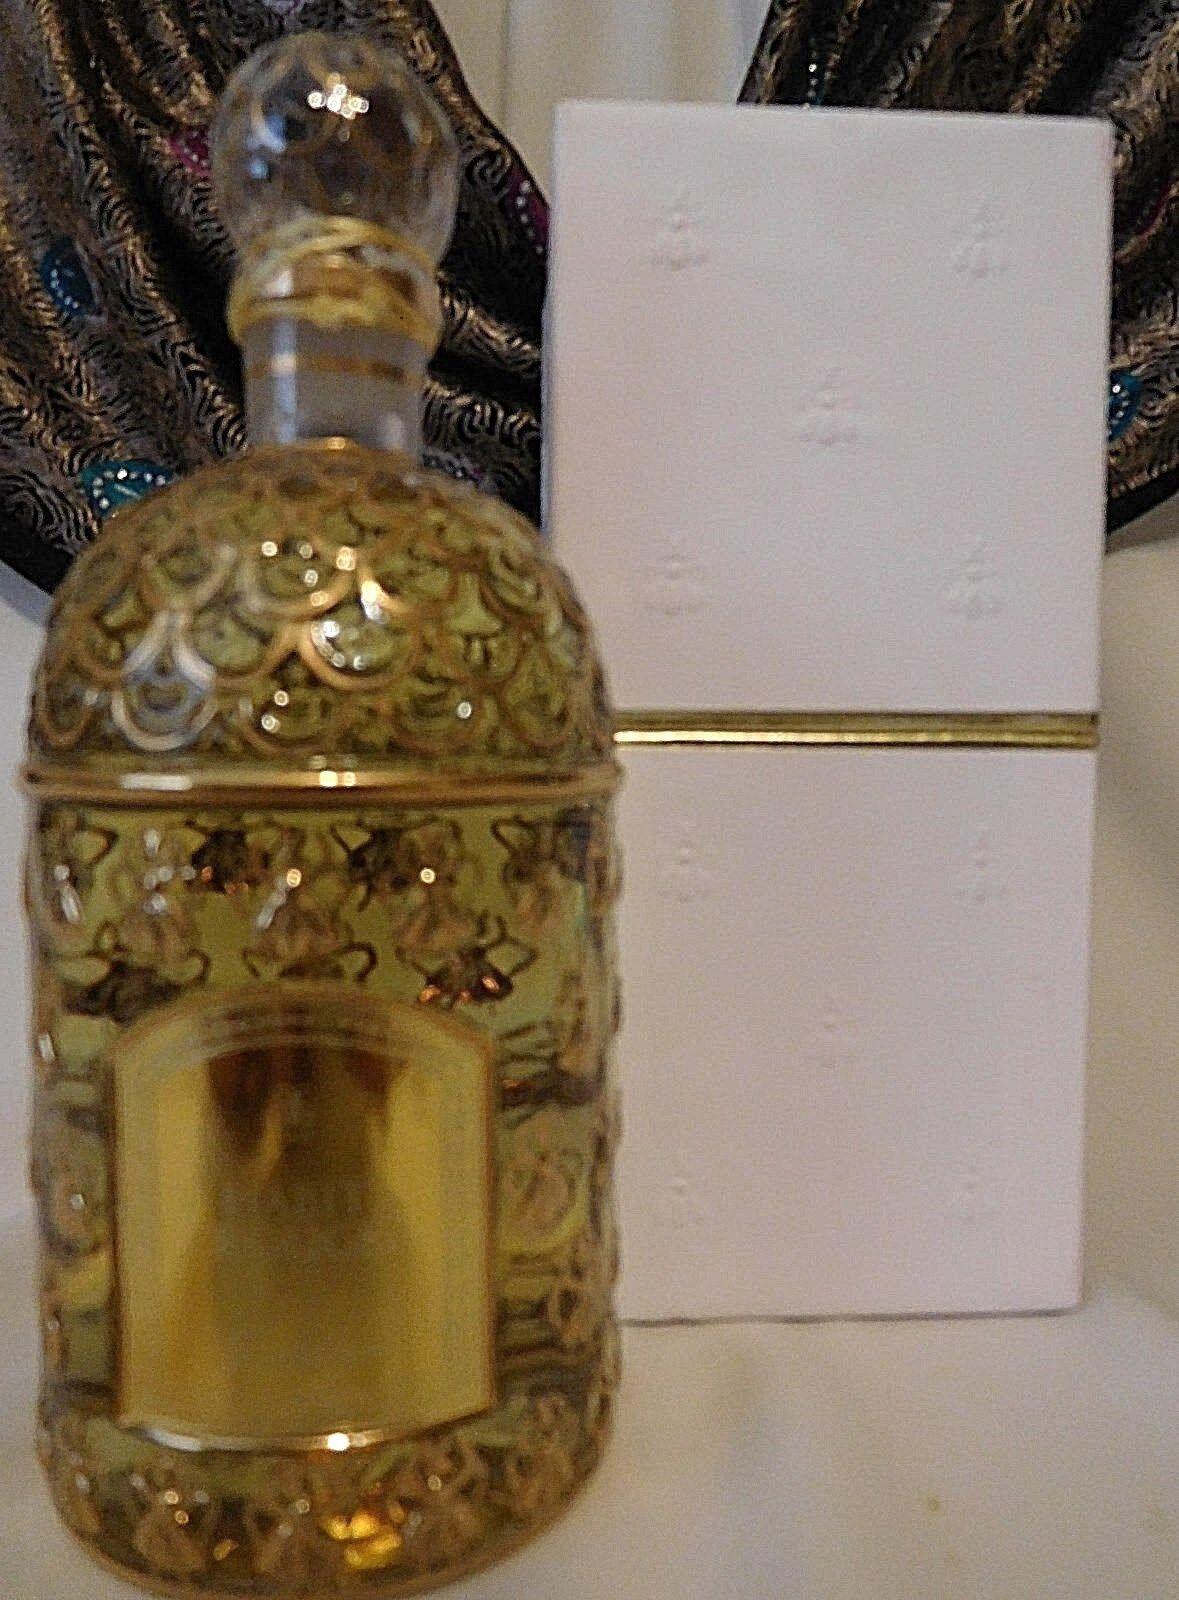 De 8 4 Eau 250 Guerlain Parfum London Oz Ml cTFl1KJ3